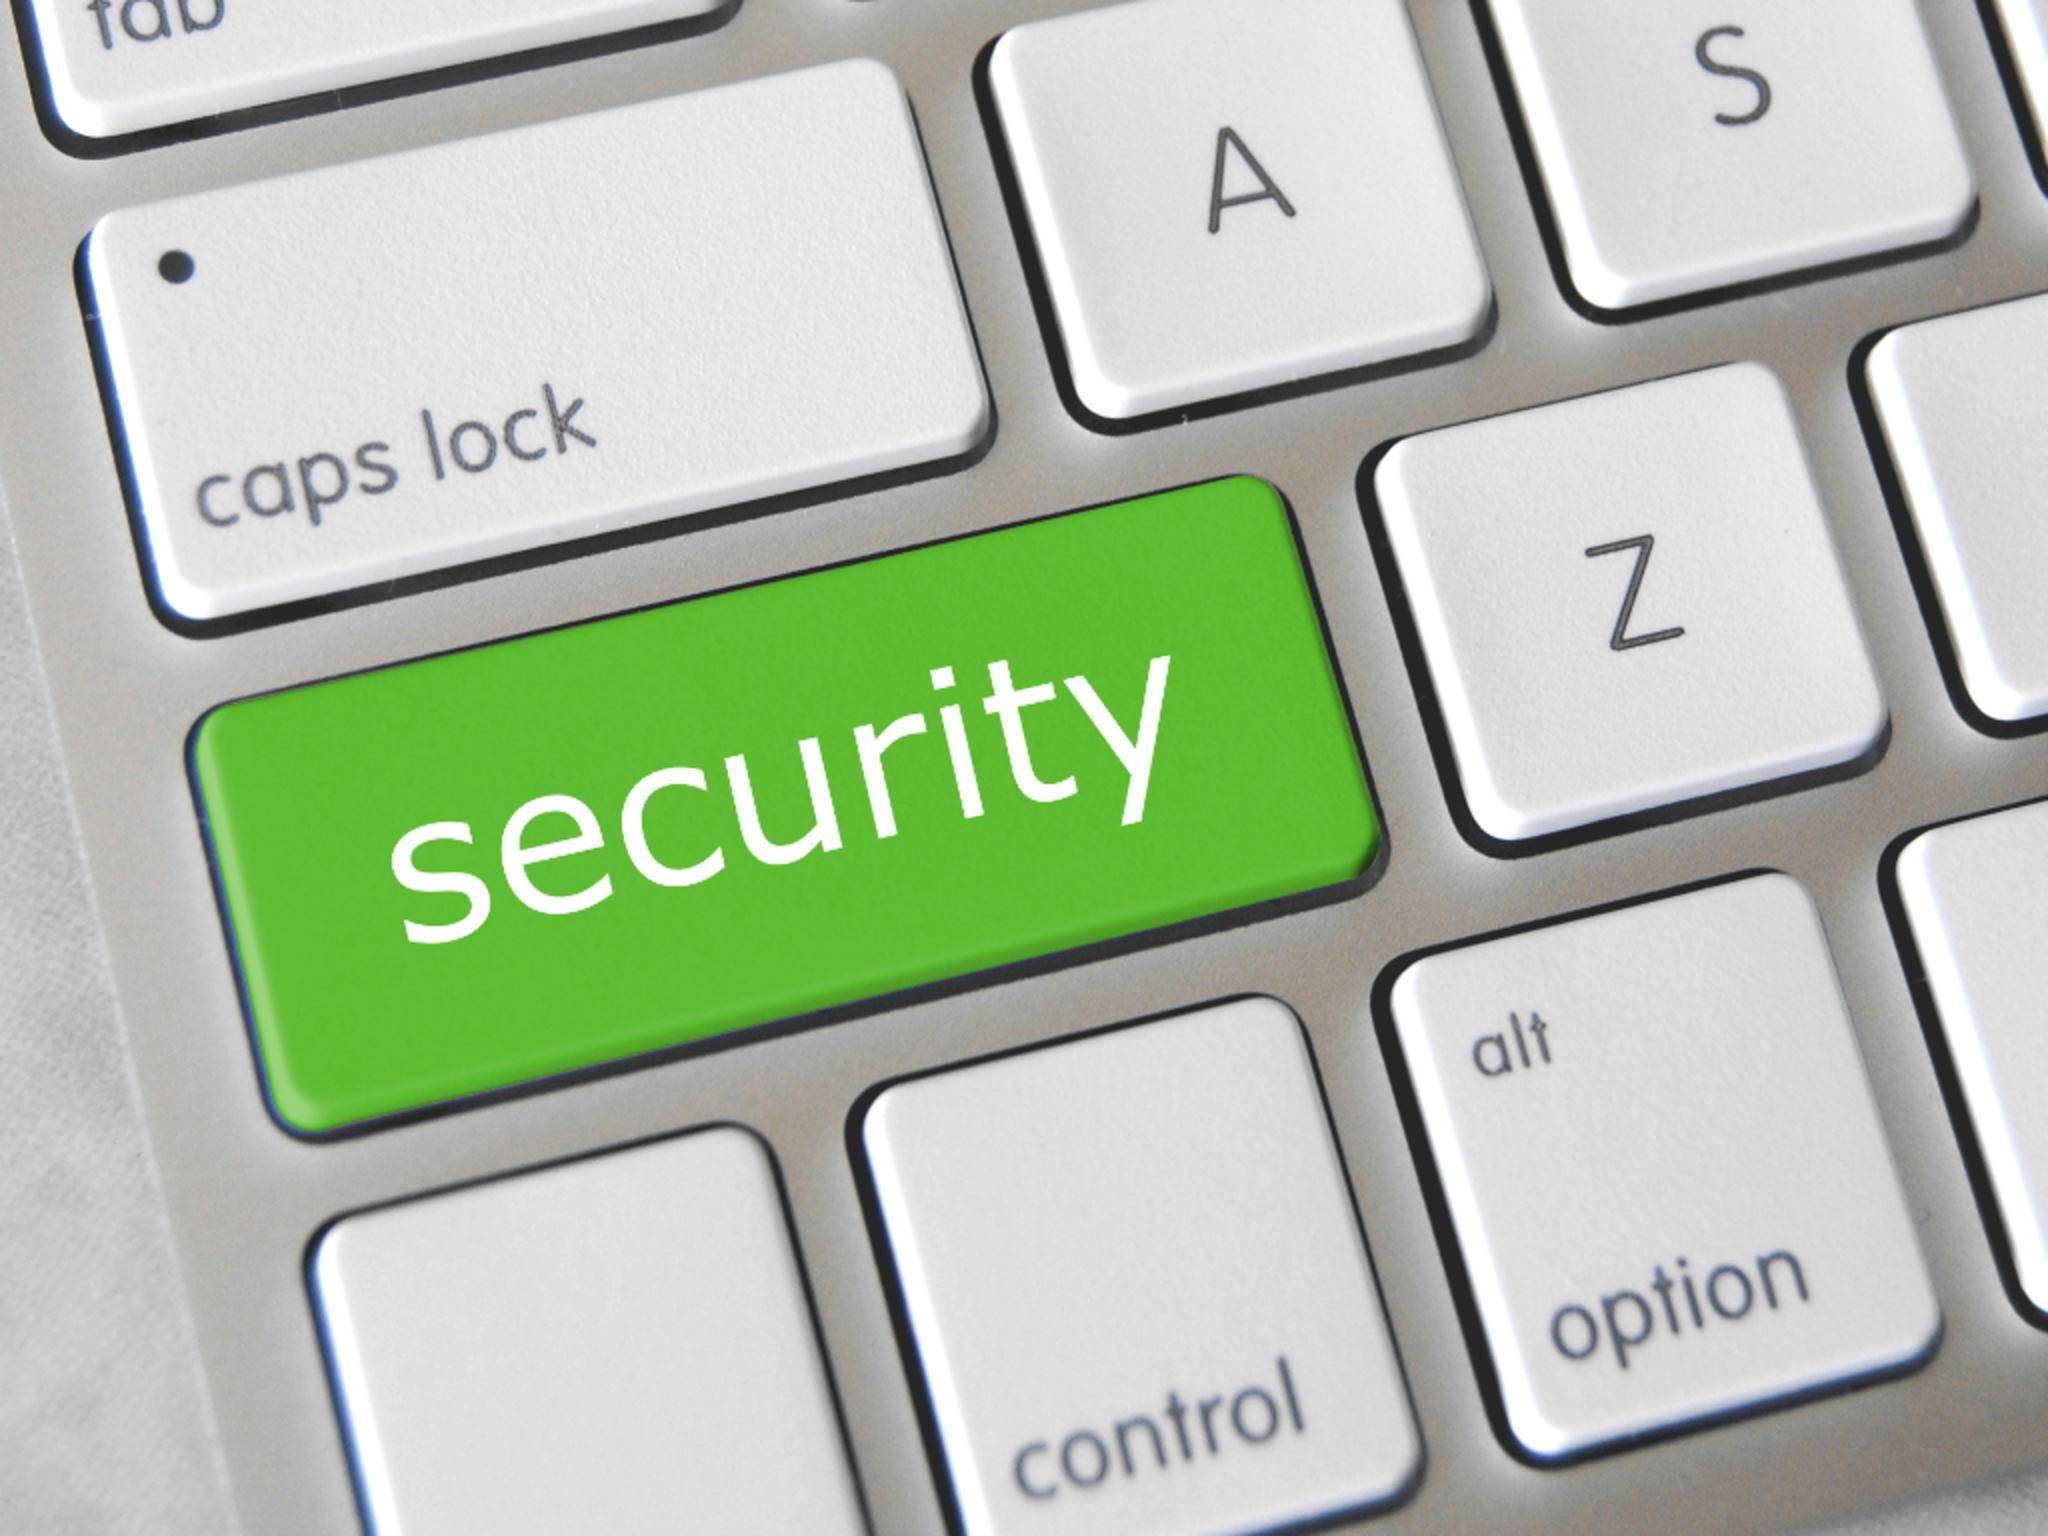 PC-Schutz geht vor: Mit den richtigen Tools sind Deine Daten sicher.